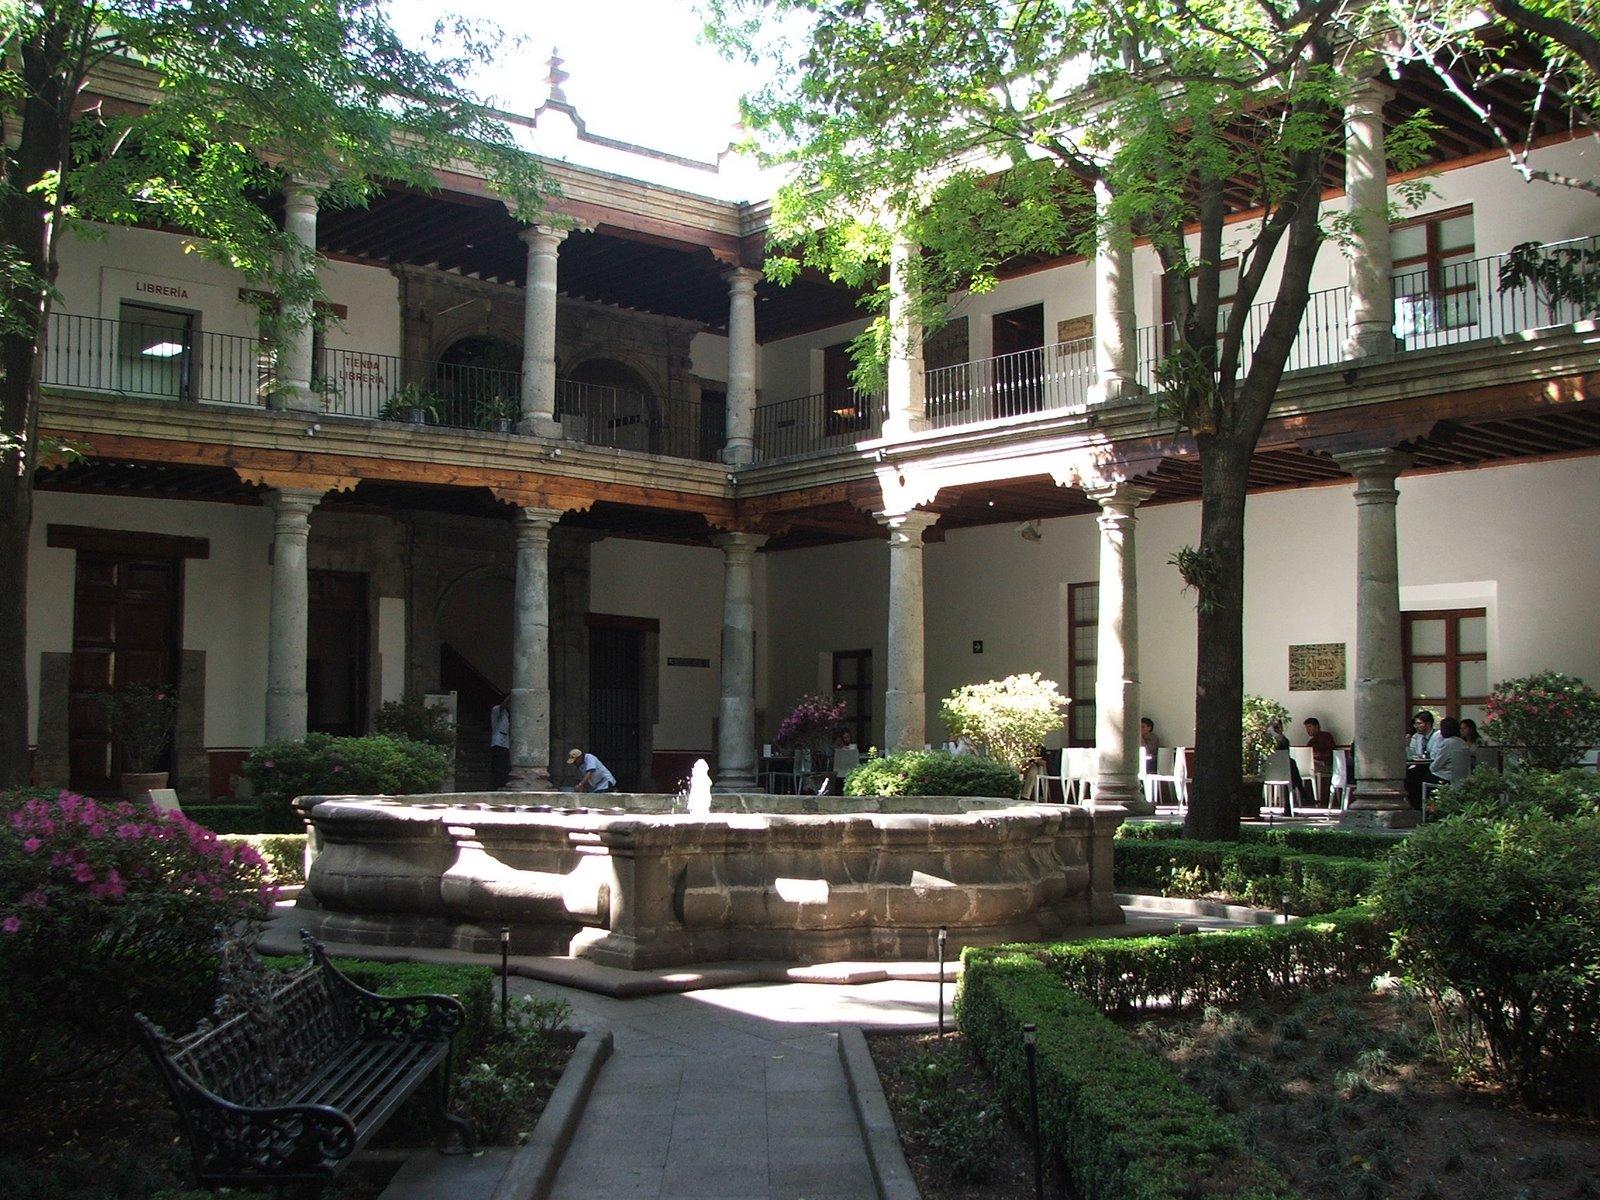 Visita los 10 mejores museos en la Ciudad de México - hotbook_imagen 10